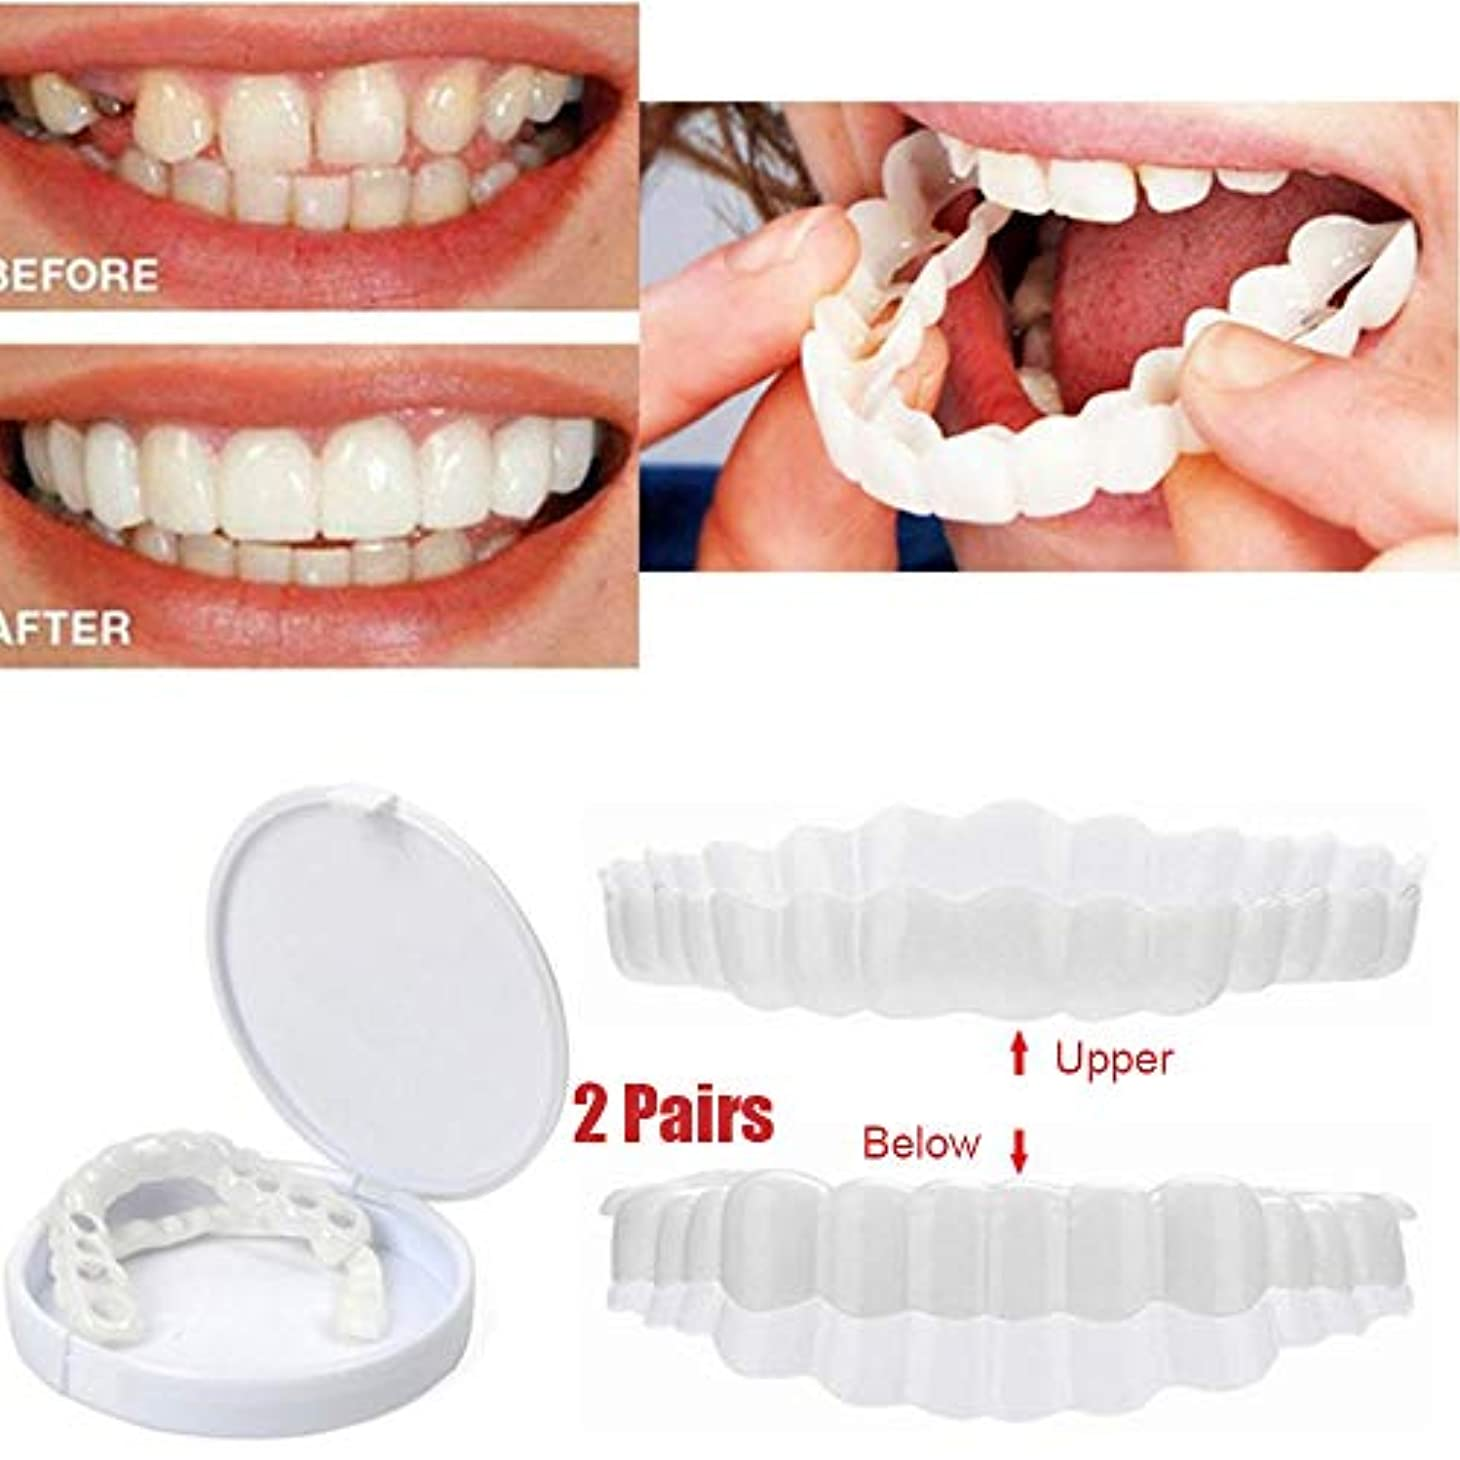 摂氏死にかけている特許白くなるベニヤ歯美容メイクアップ歯快適で柔軟な歯のケアケア自信を持って笑顔黄色い歯悪い歯ホワイトニングオーラルケア(2ペア)